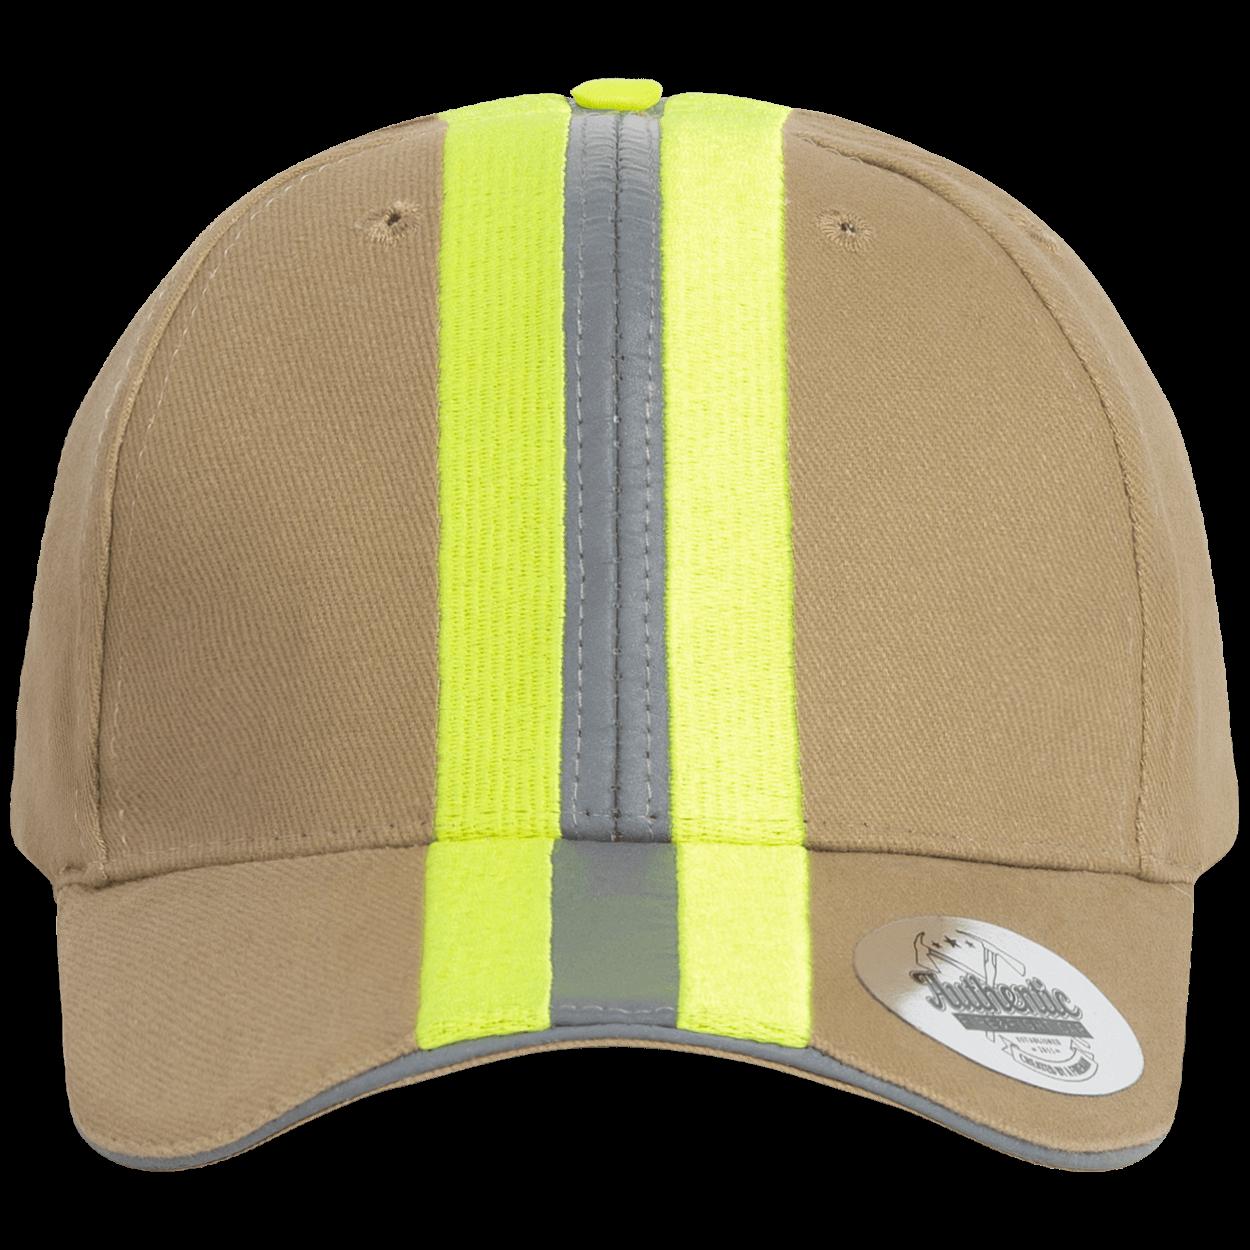 Feuerwehr & Rettung Reflexstreifen Design Cap